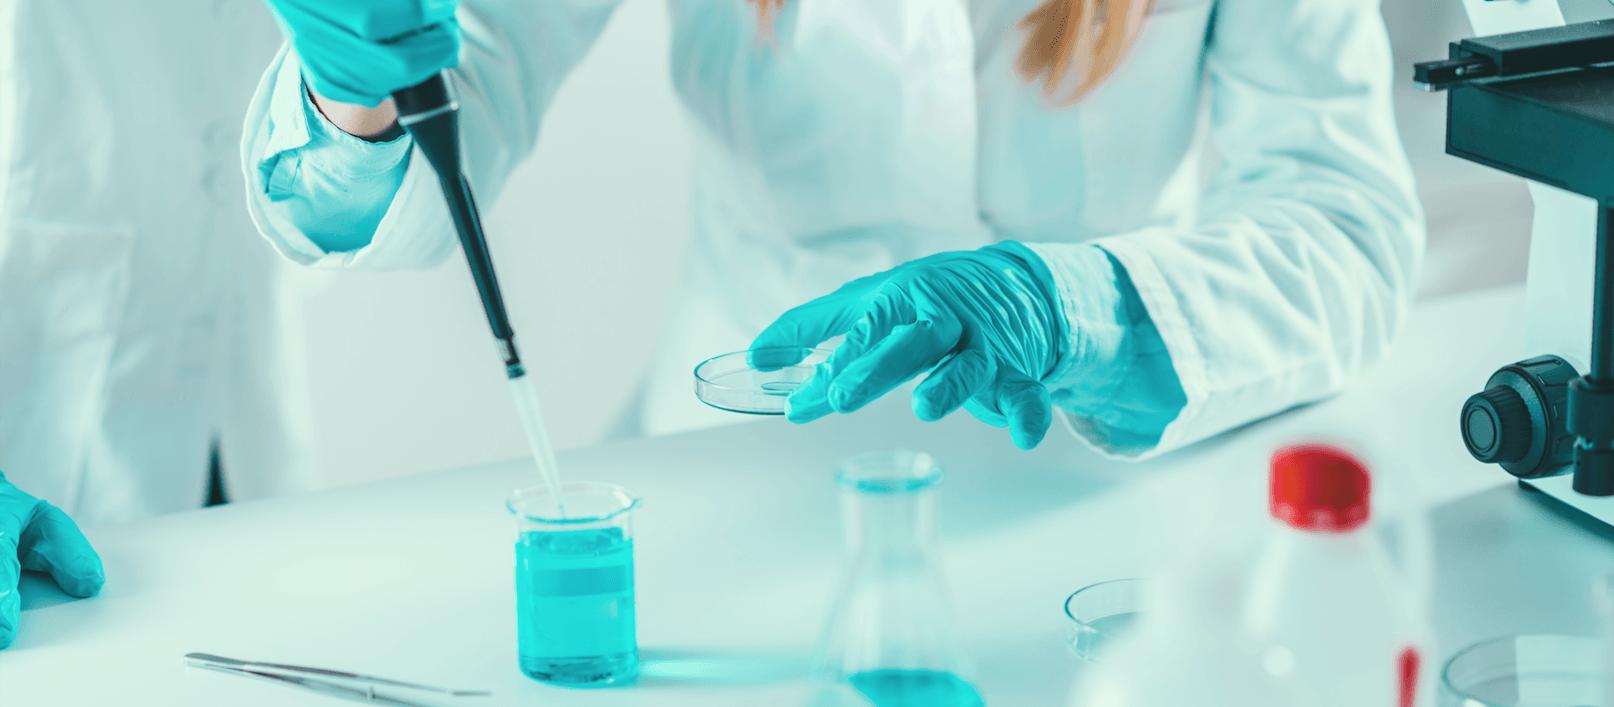 Cómo es estudiar laboratorio clínico - Laboratorio Clínico y Biomédico